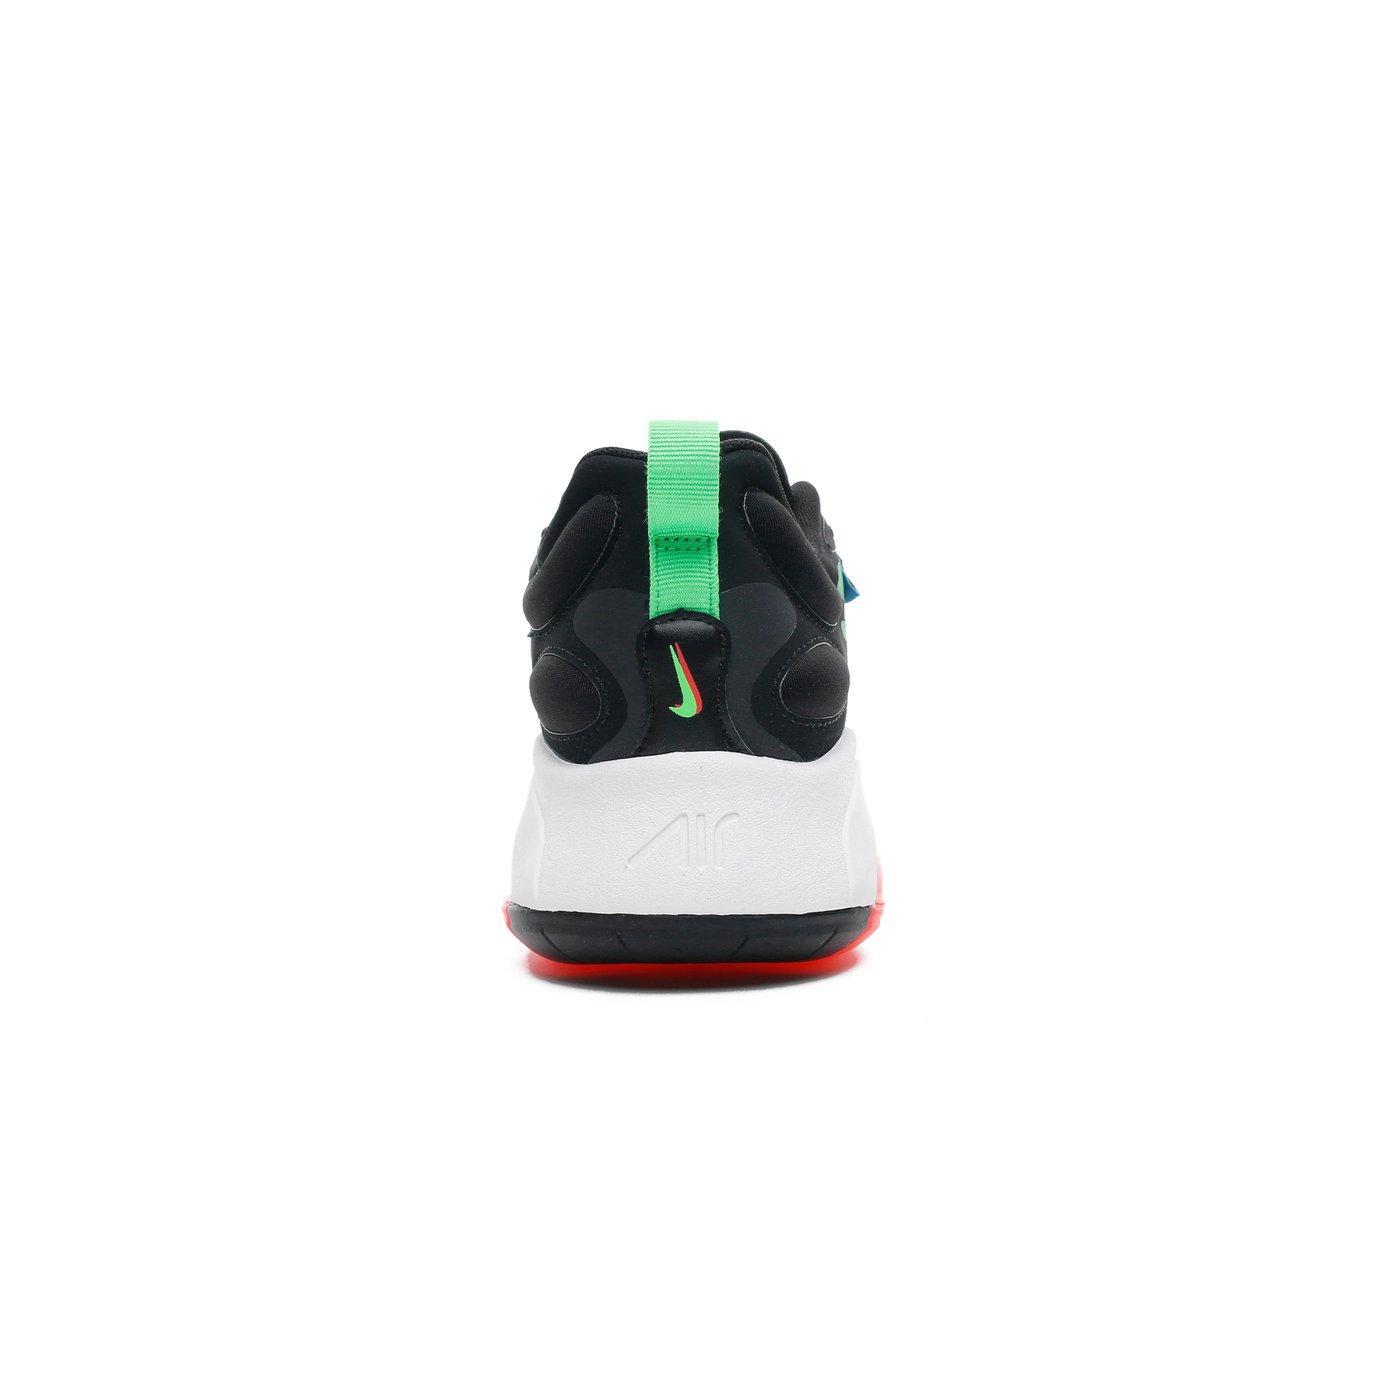 Nike Air Max Exosense SE Erkek Beyaz-Yeşil Spor Ayakkabı